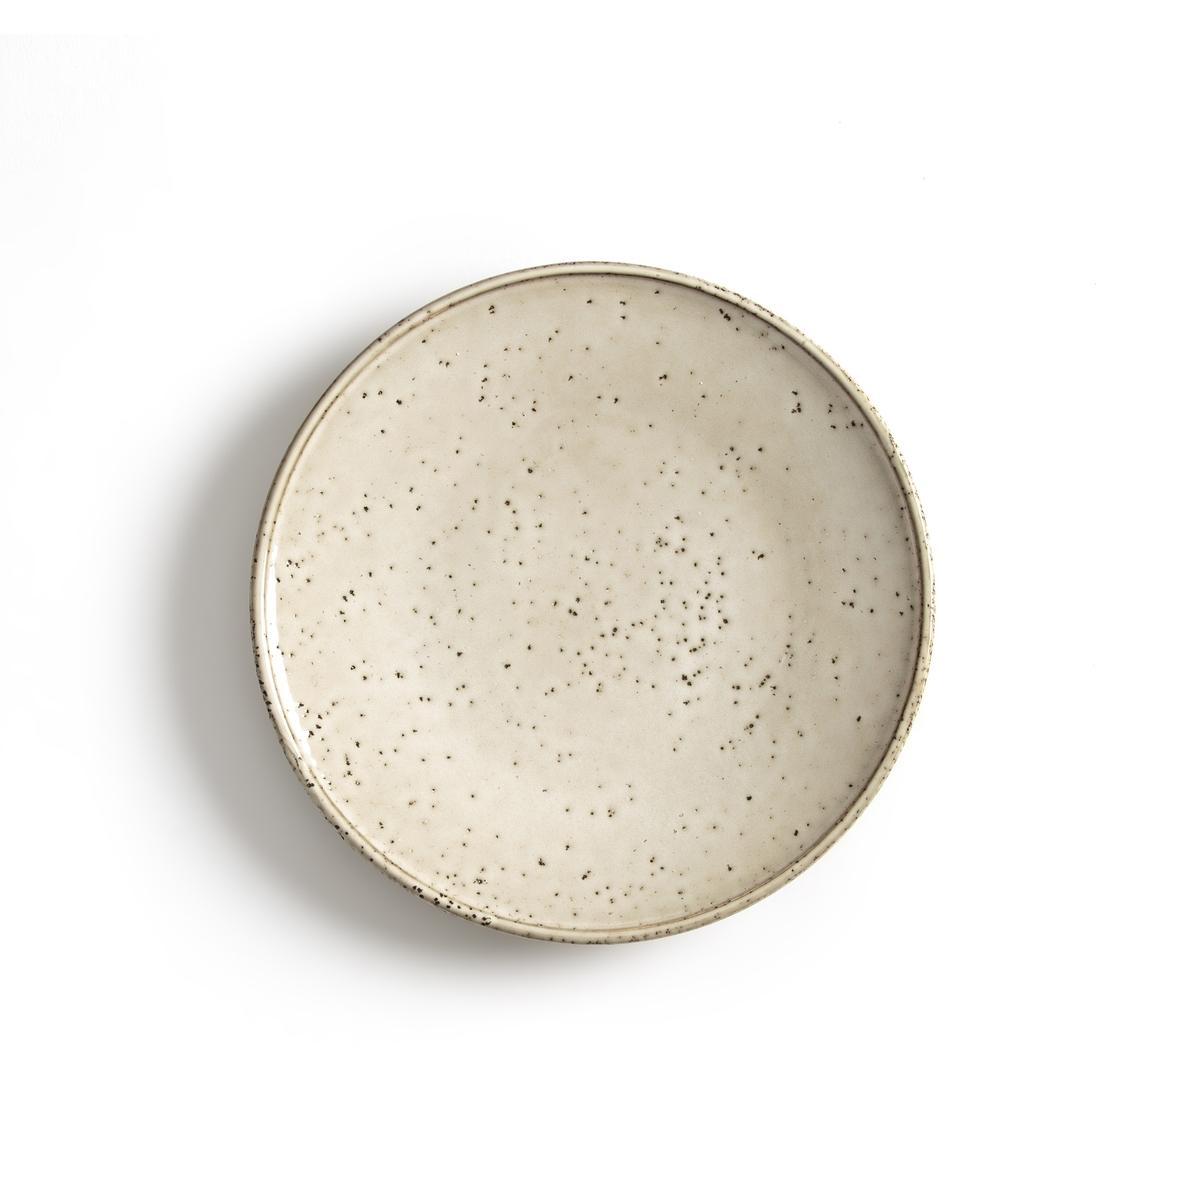 Комплект из 4 десертных тарелок  керамики, Olazhi